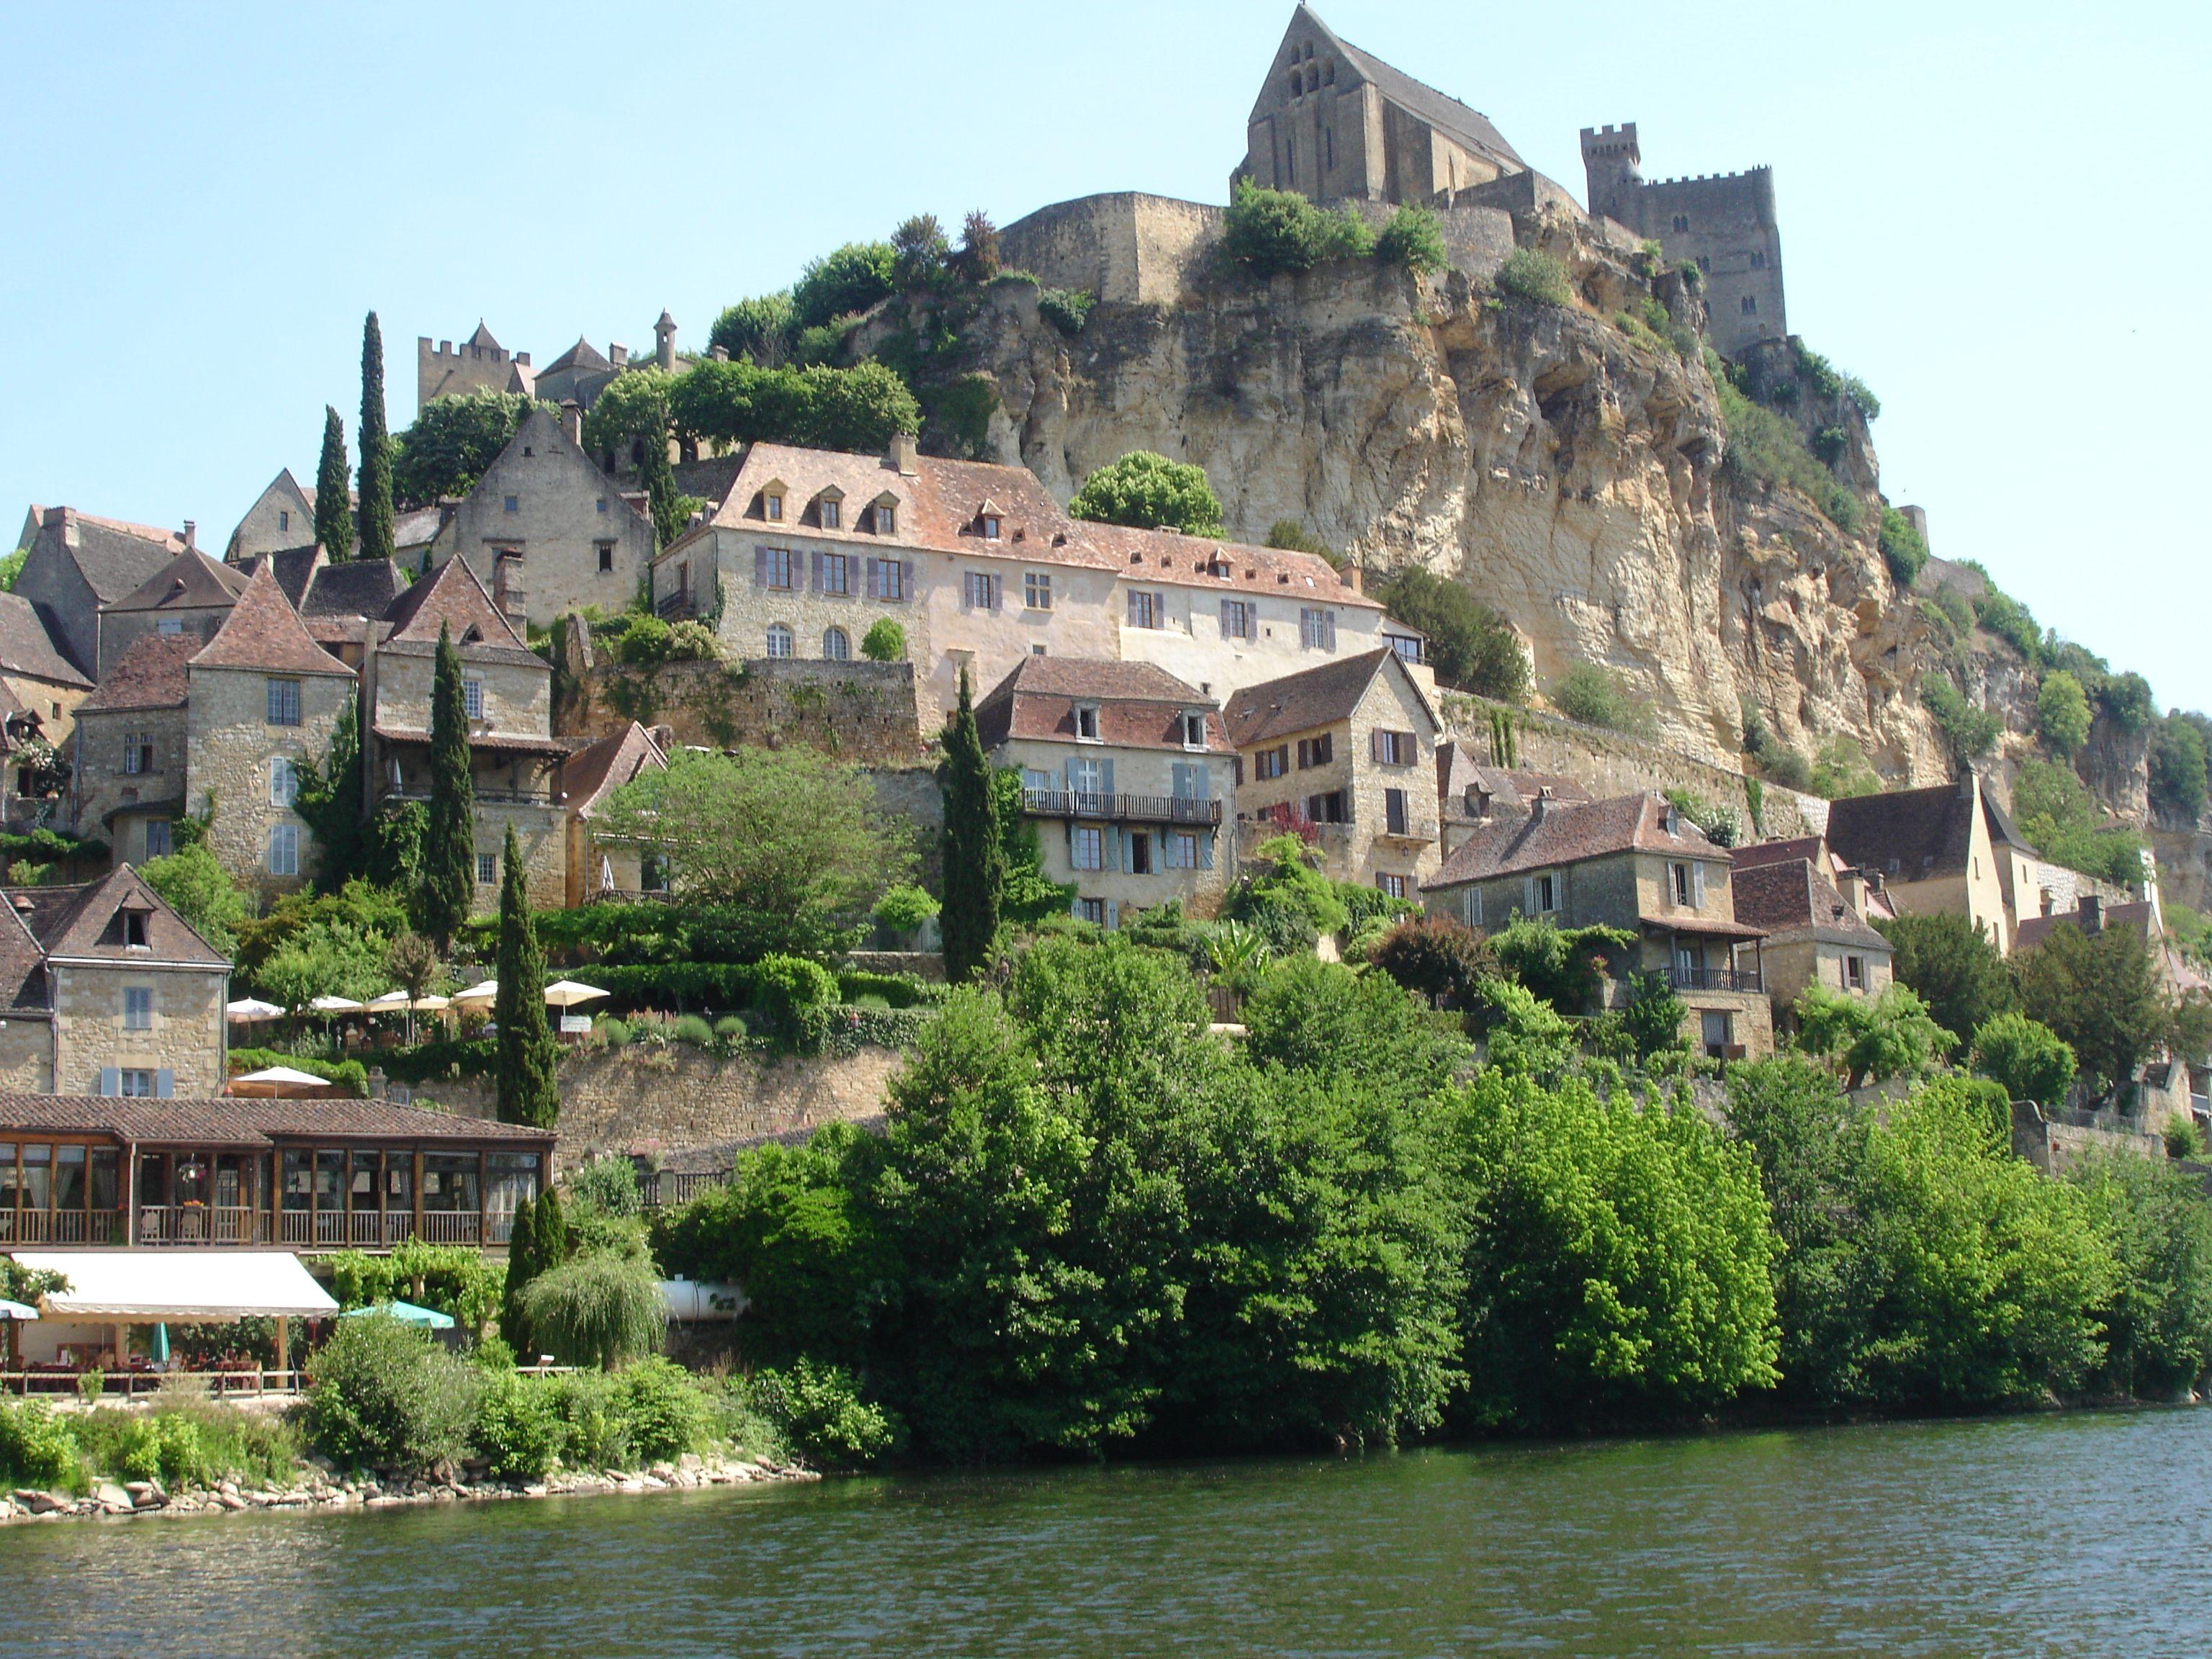 Zicht op kasteel en kathedraal vanaf rivier de Dordogne bij Beynac